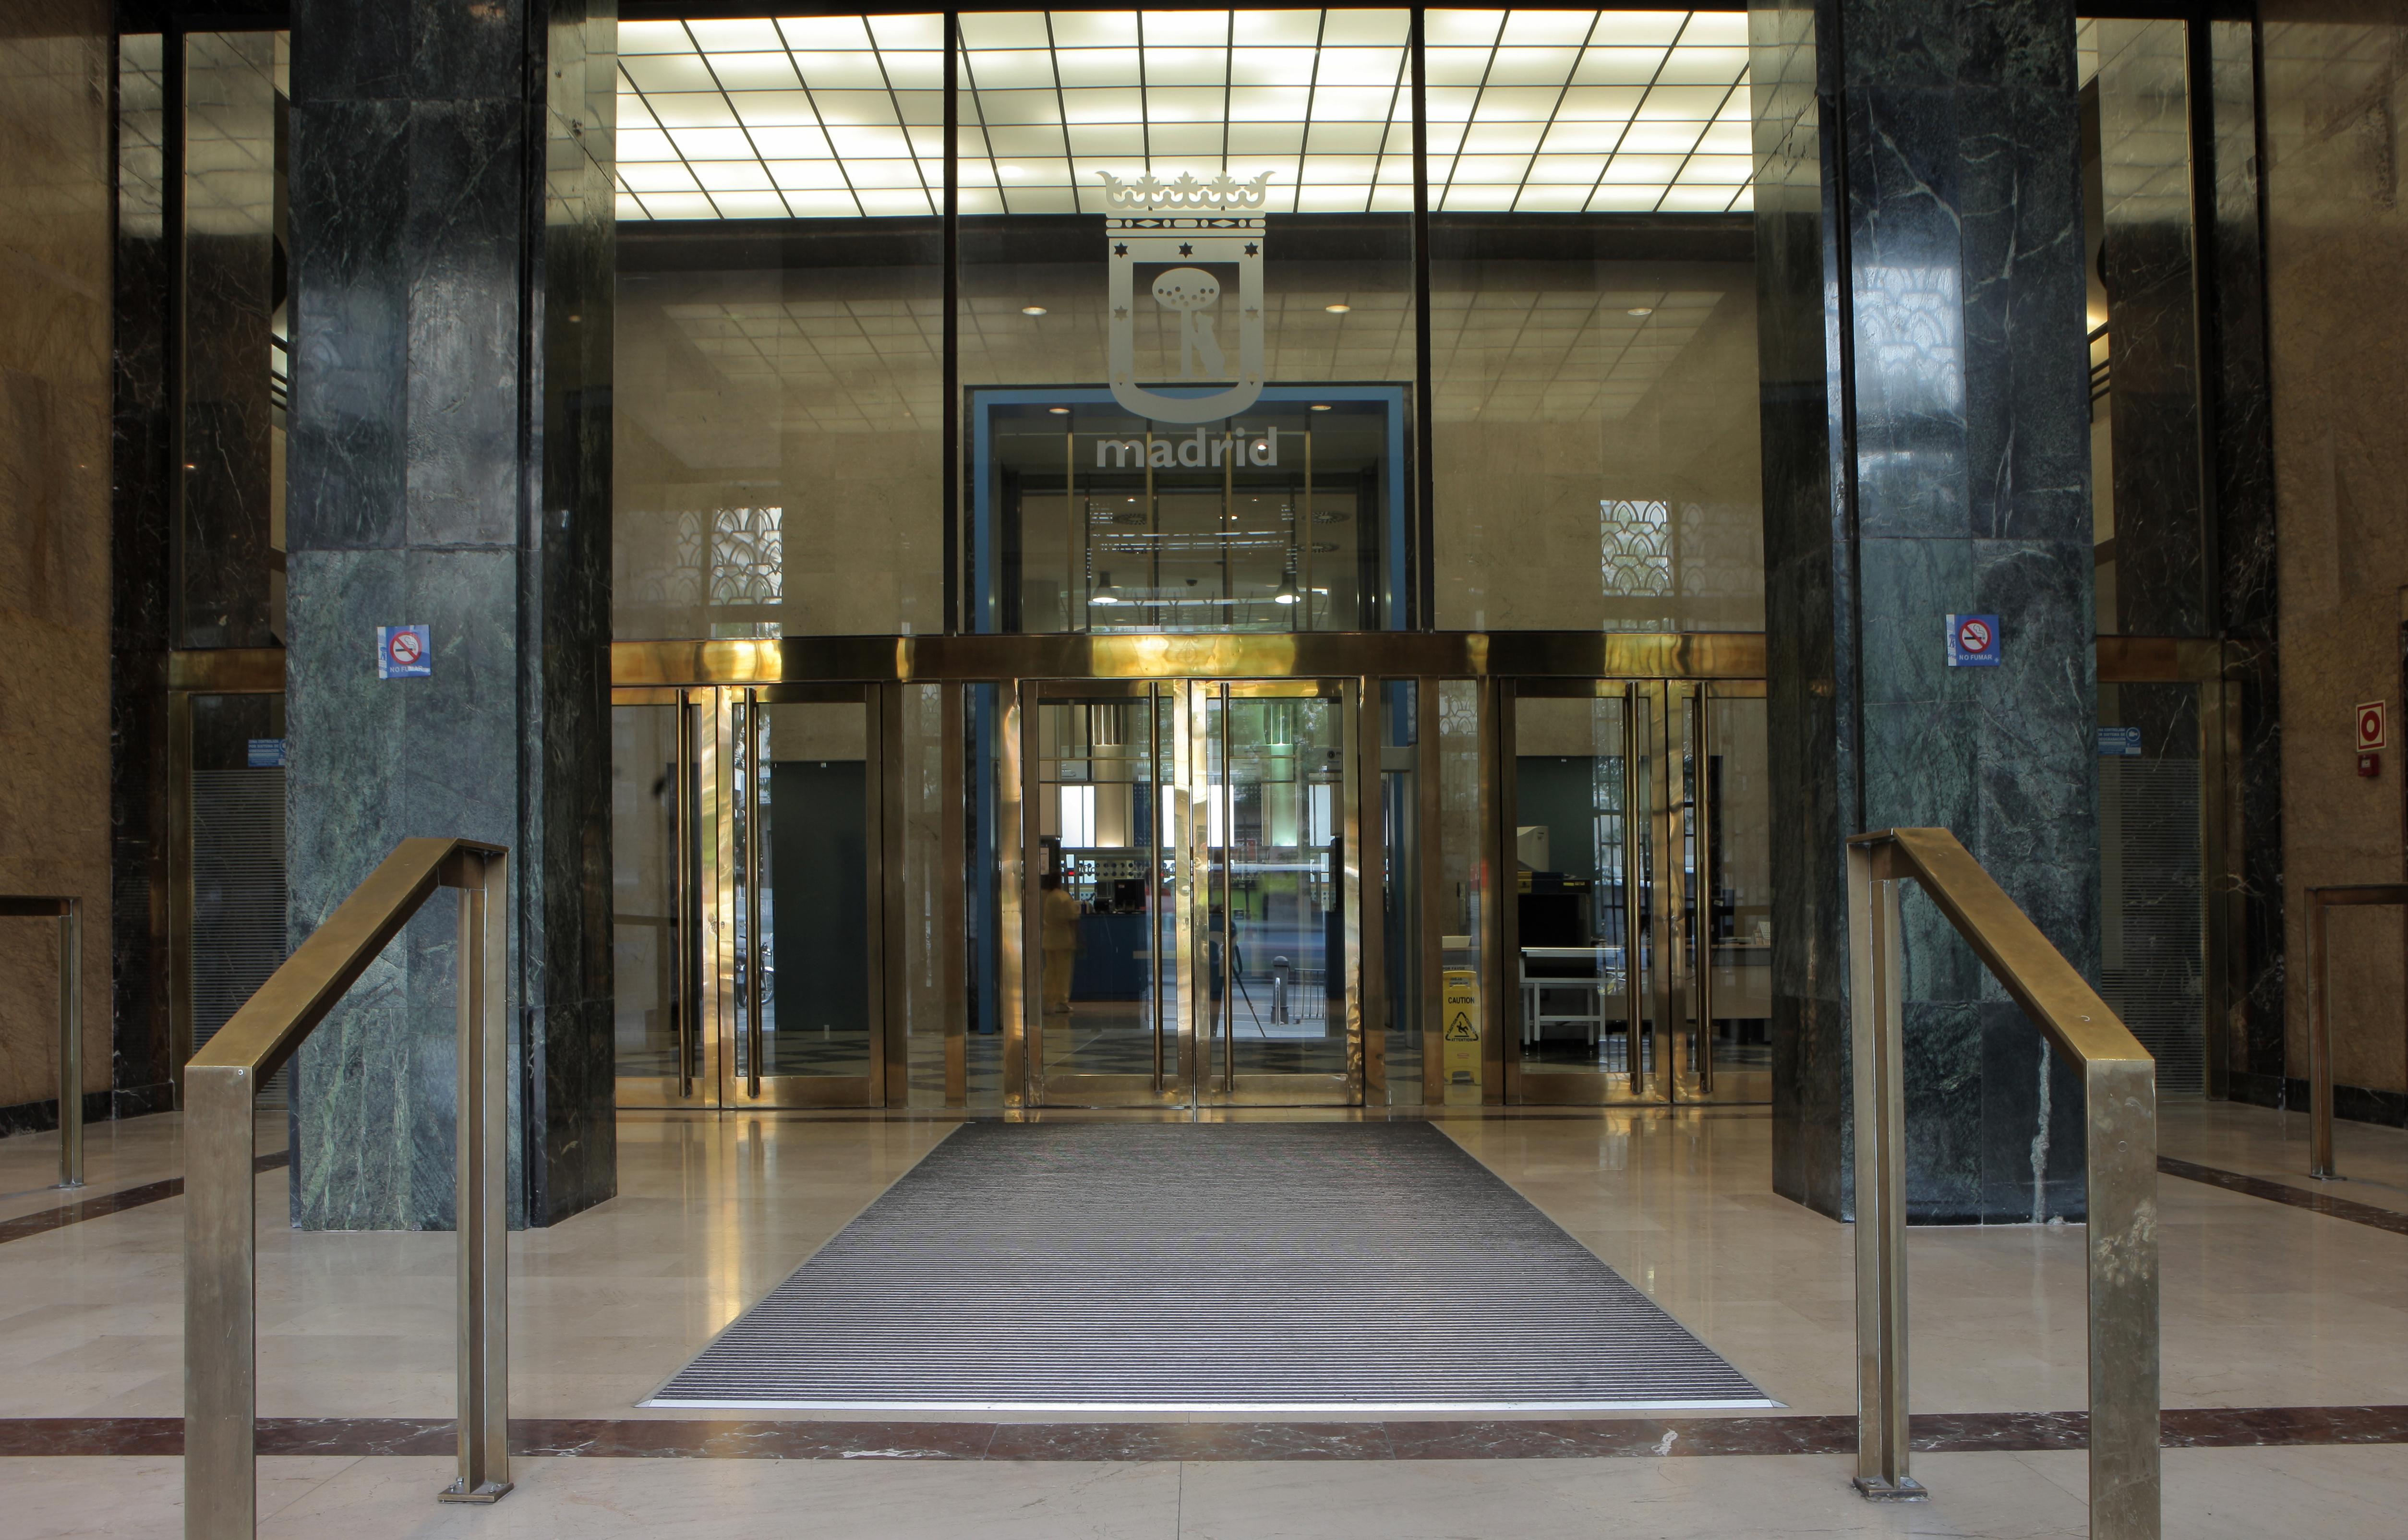 El edificio de econom a y hacienda vuelve a ser patrimonio municipal ayuntamiento de madrid - Oficina hacienda madrid ...